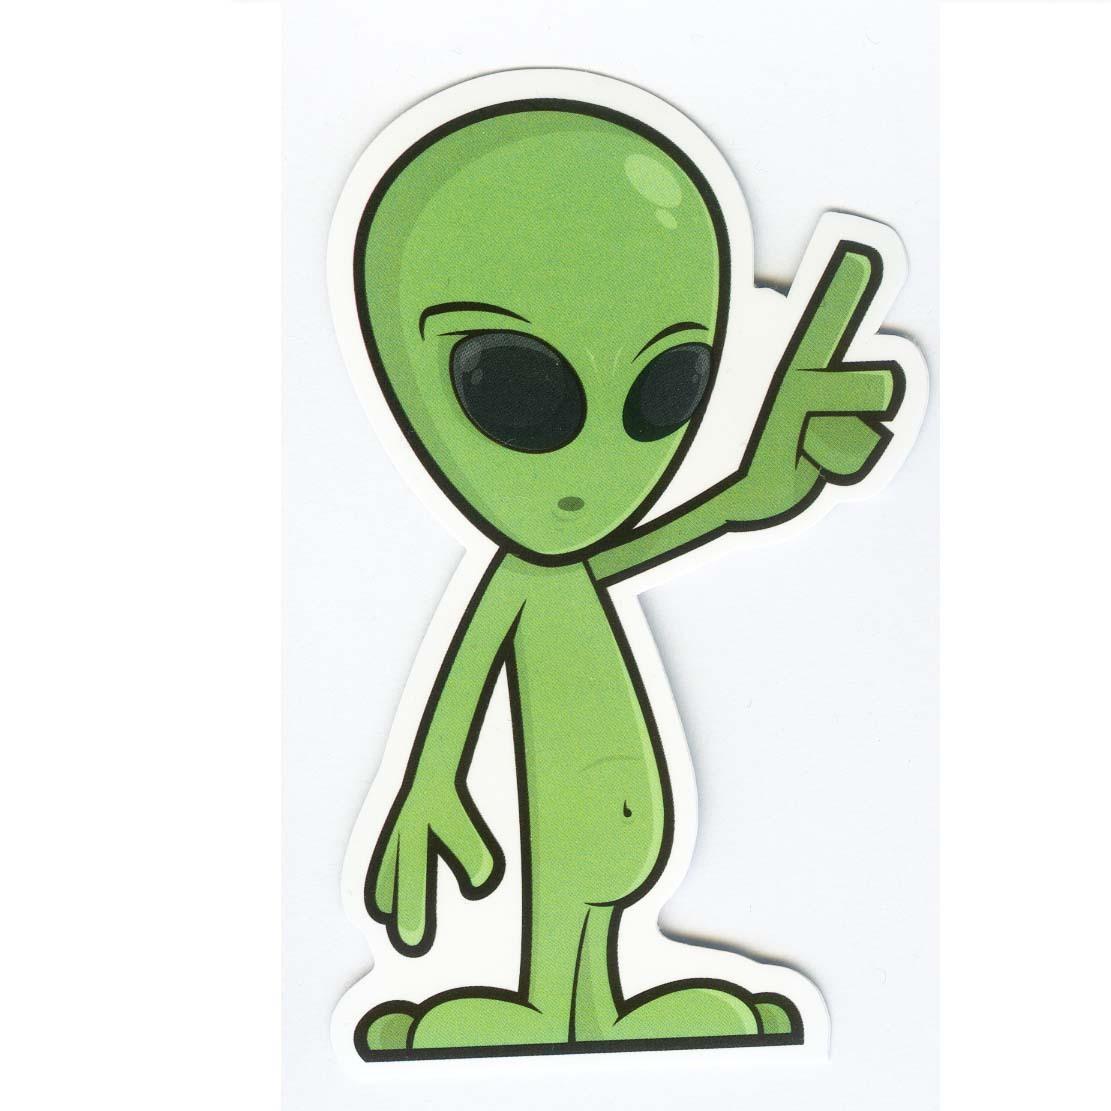 #1001 Alien Cartoon Rock , Height 9 cm, decal sticker